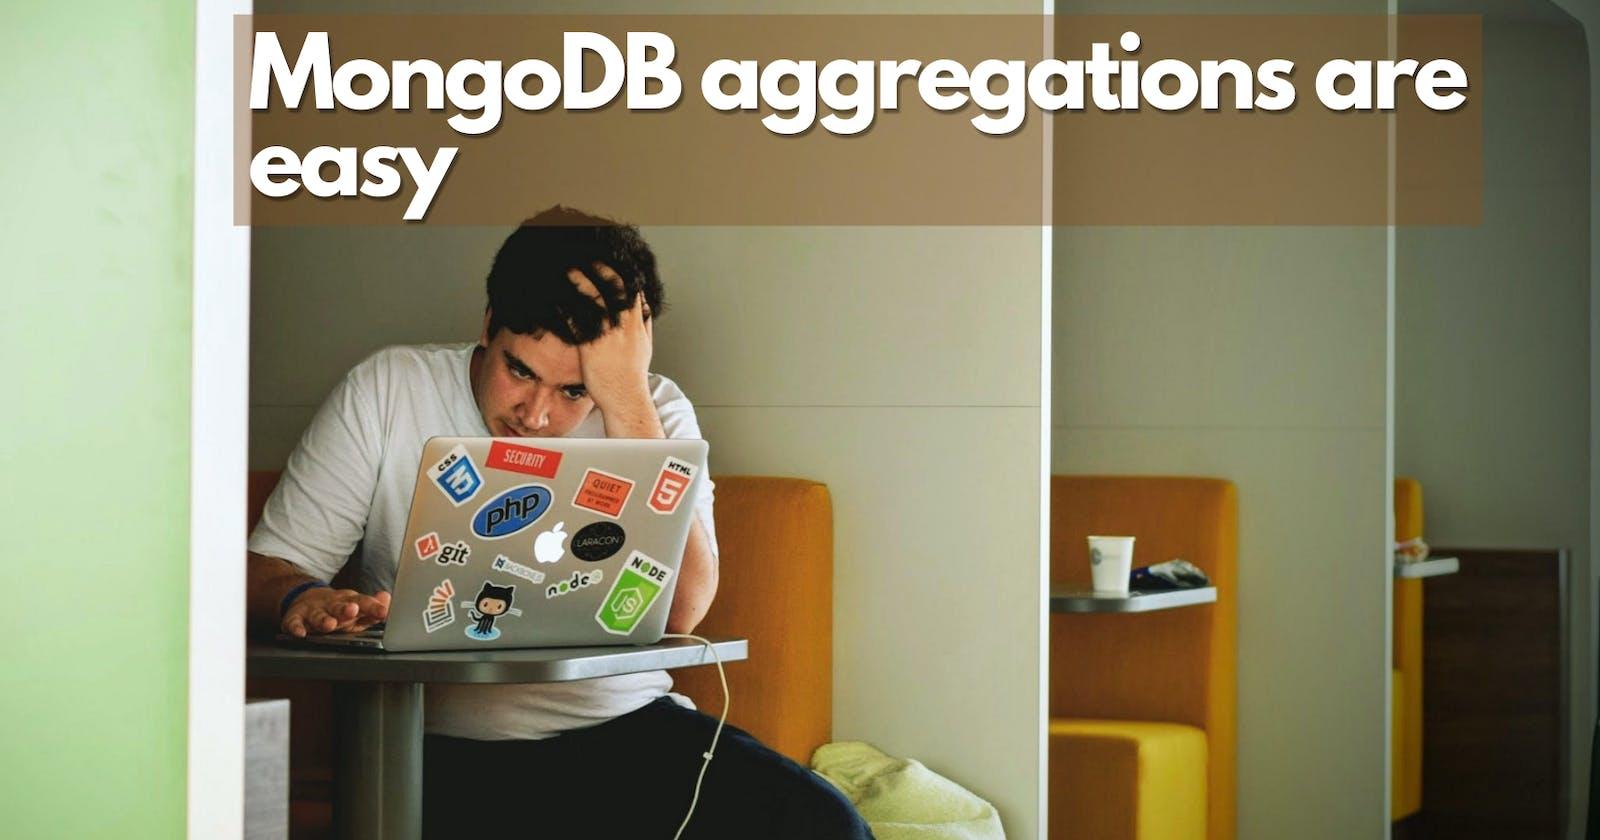 MongoDB aggregations are easy